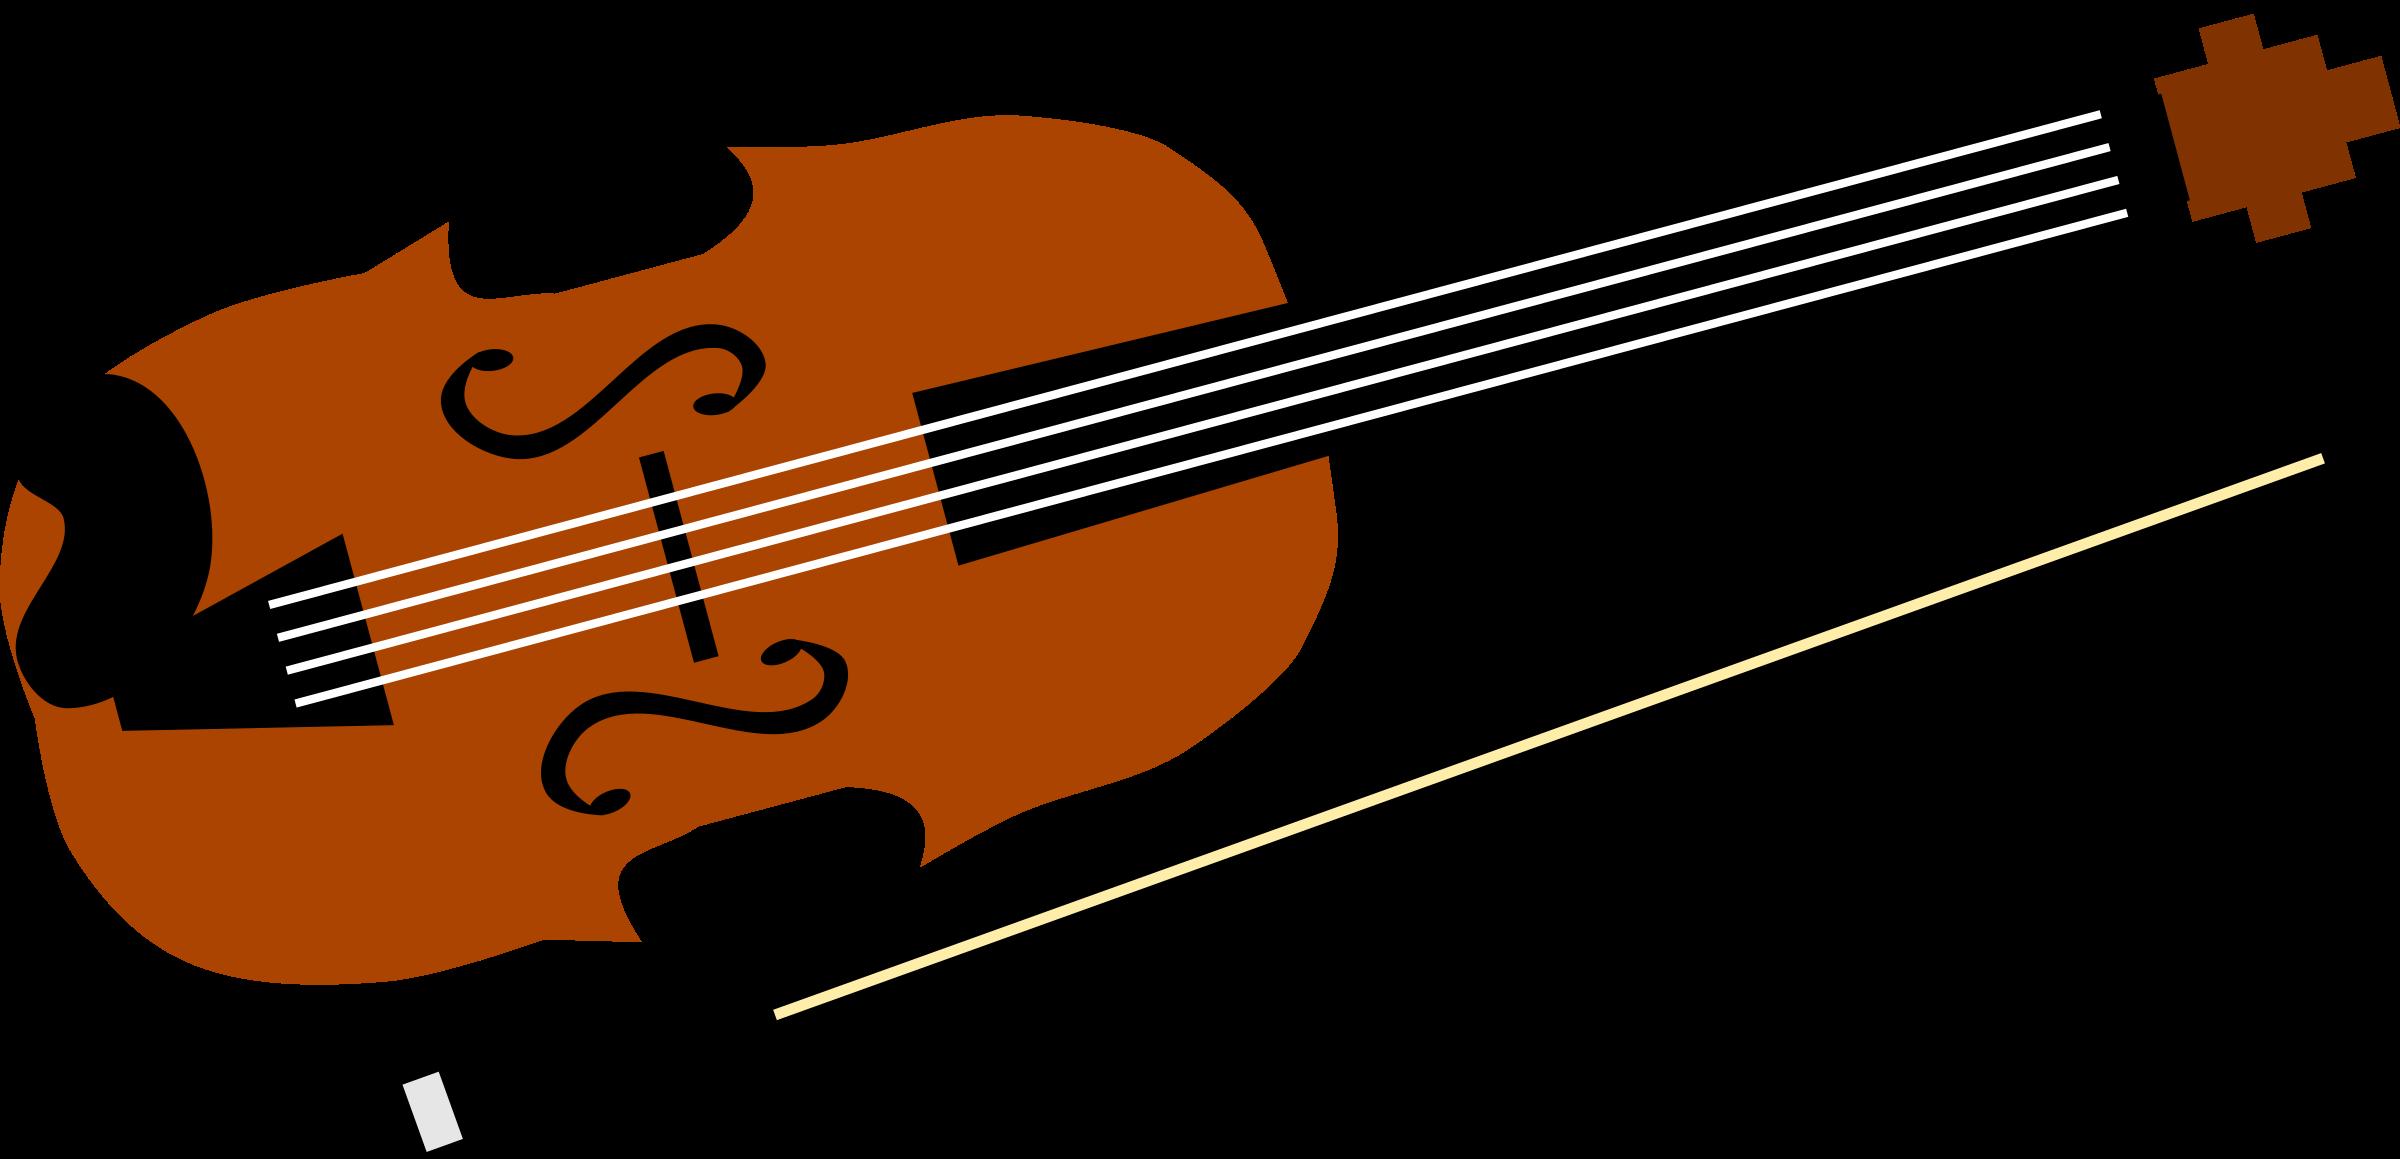 Big image png. Clipart guitar violin